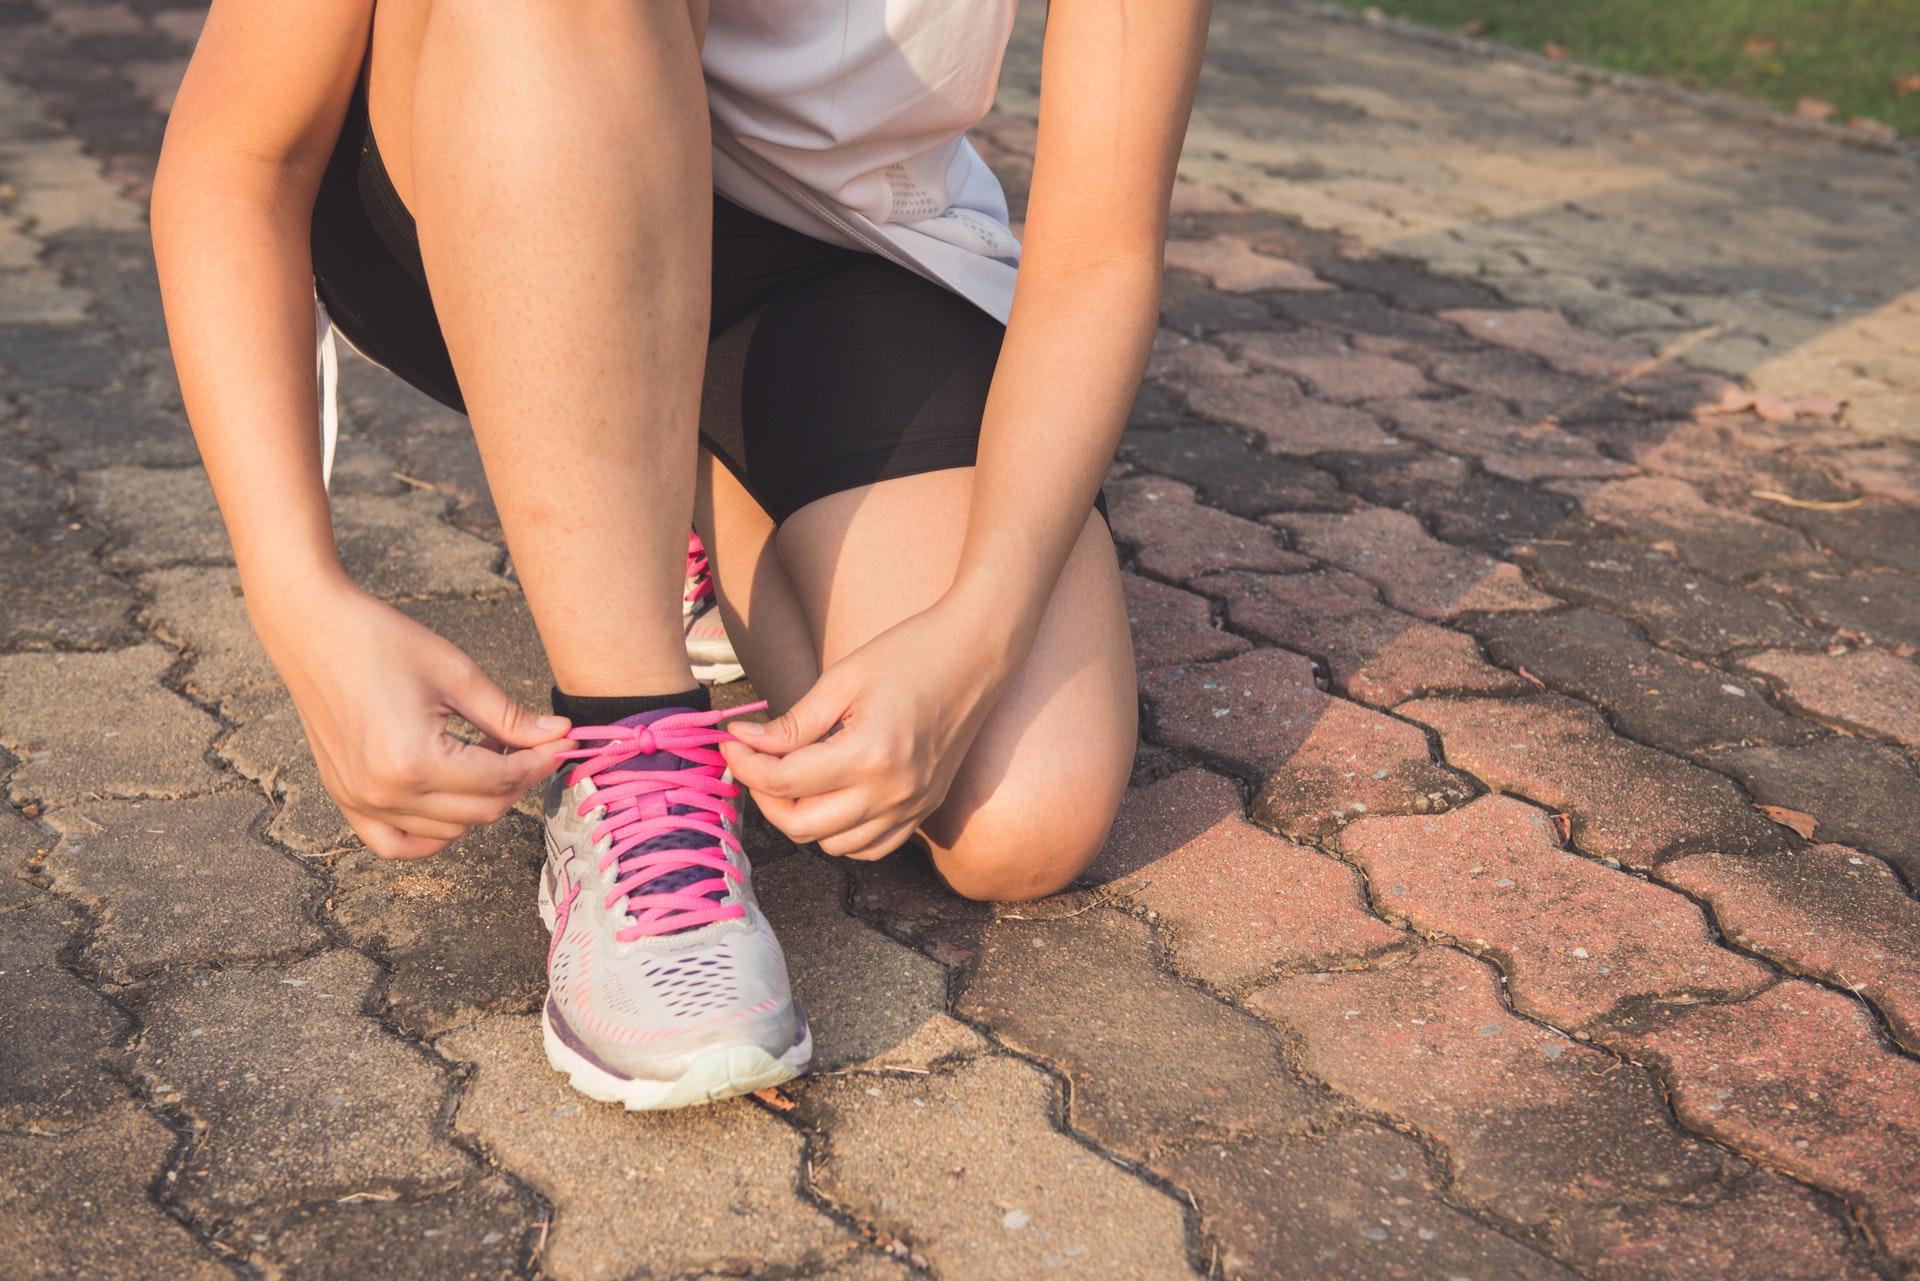 Корисні поради для тих, хто вирішив схуднути за допомогою бігу